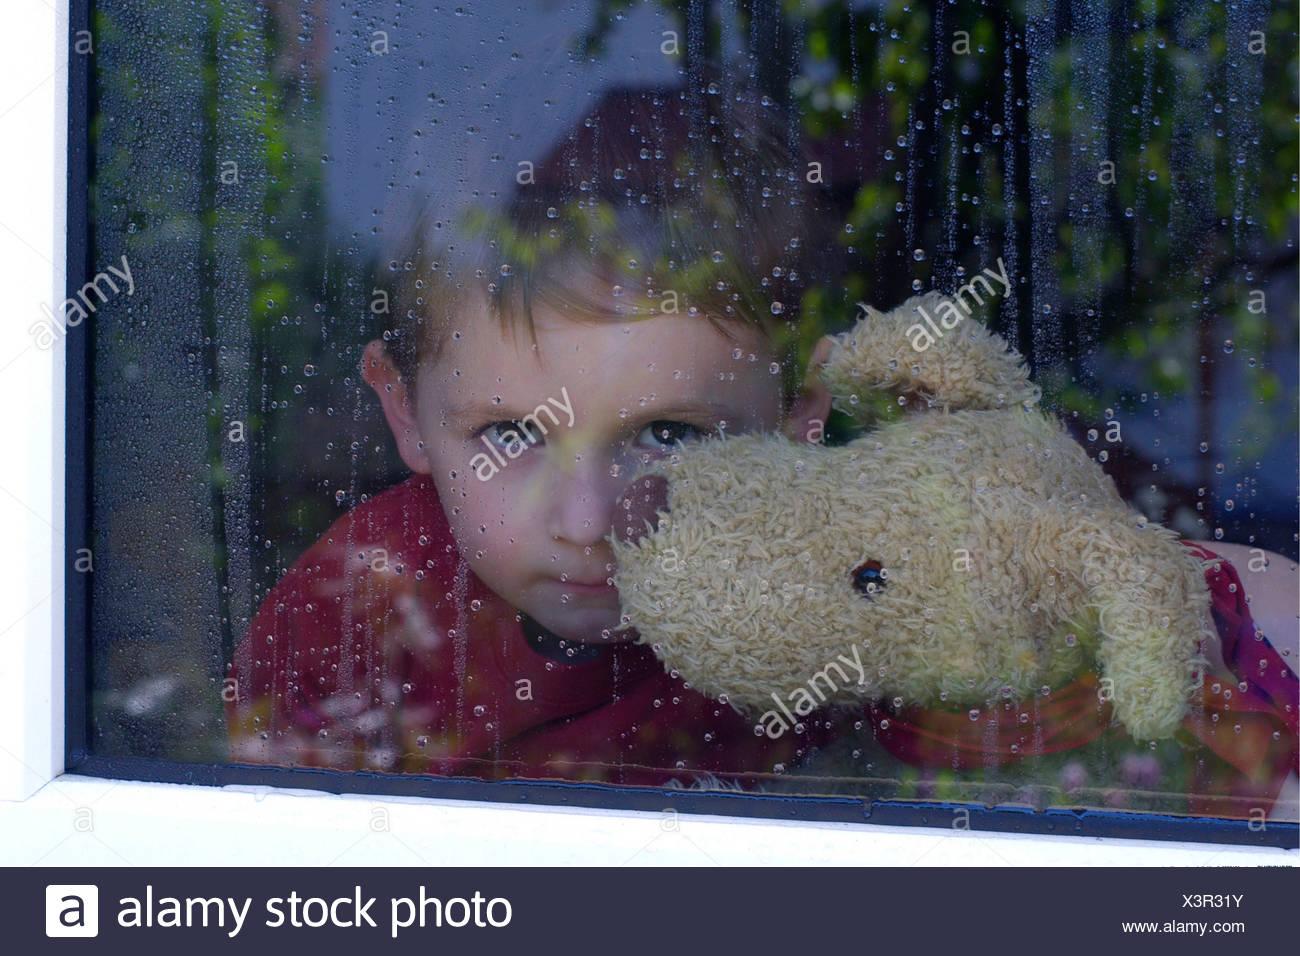 Sad Teen Toy Stock Photos & Sad Teen Toy Stock Images - Alamy